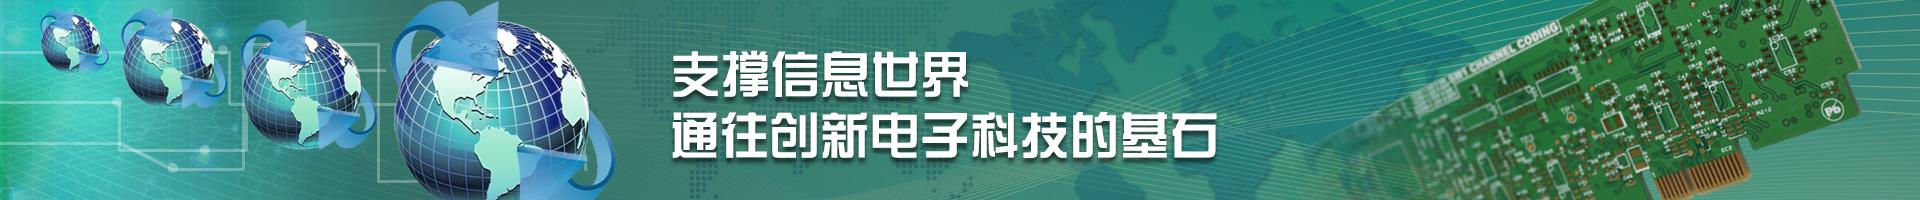 深圳市汇合电路有限公司 PCB板厂家,PCB厂,PCB生产厂家,PCB工厂,PCB电路板厂家